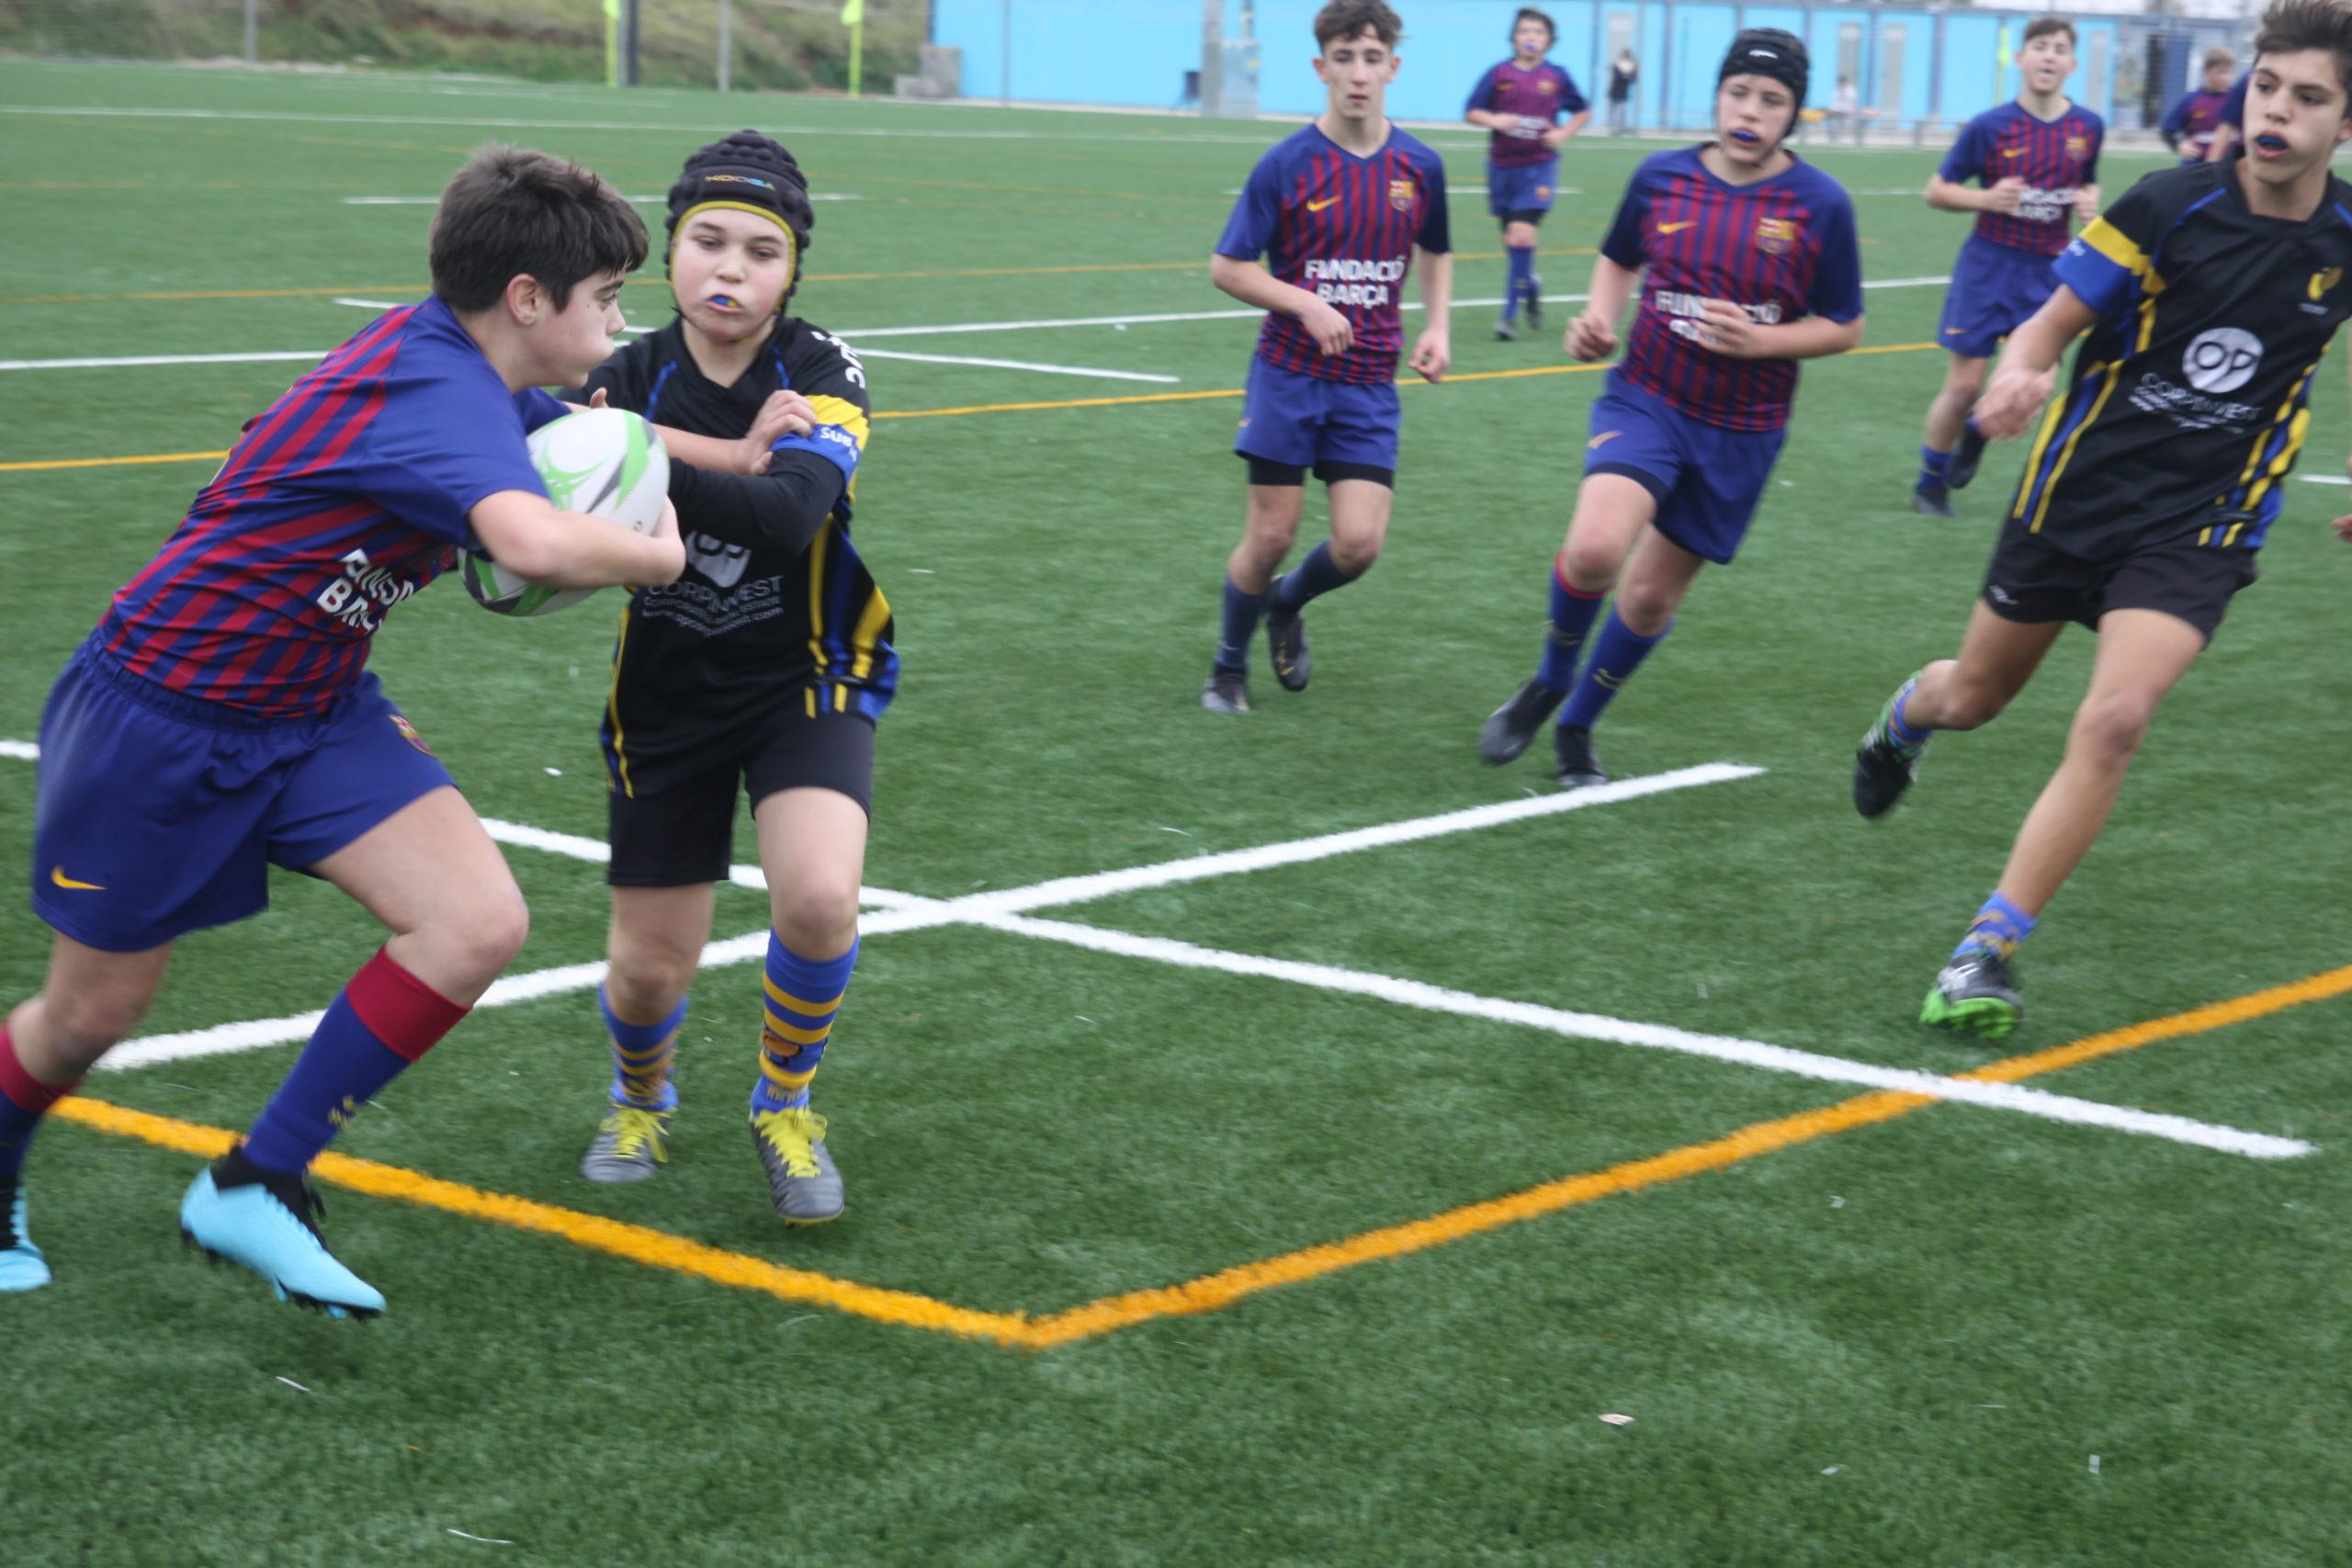 partido entre el Barça Rugby y el CRUC Sub 14